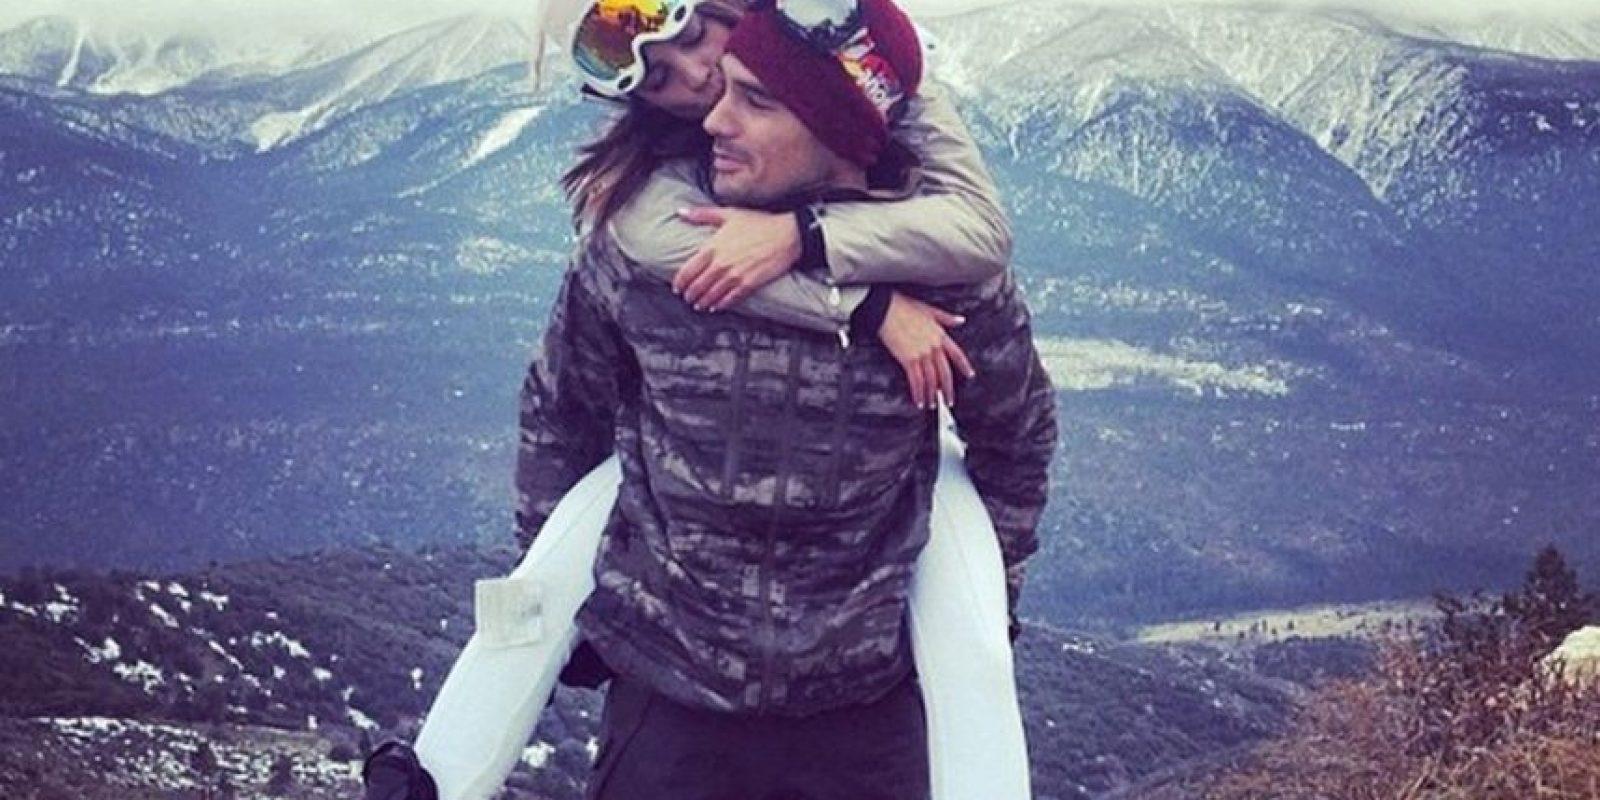 """También han viajado a Nueva Zelanda para promocionar su serie, """"From Dusk Till Down"""" Foto:Vía instagram.com/eizagonzalez/"""